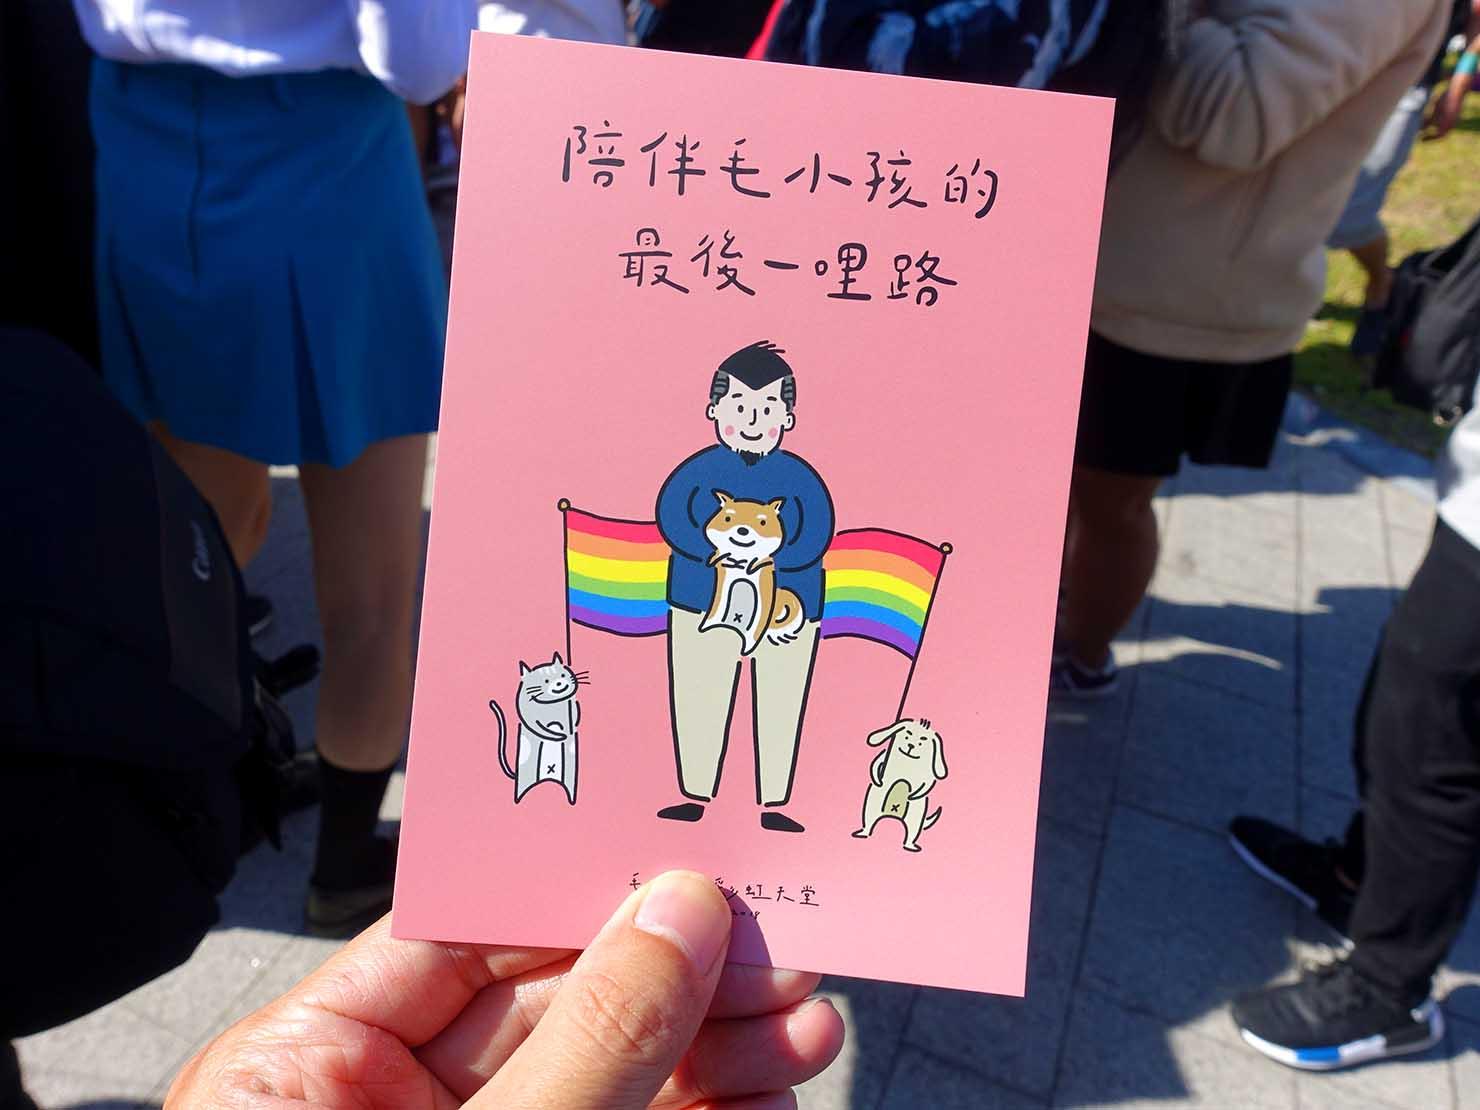 台中同志遊行(台中LGBTプライド)2019の会場で配布されたポストカード